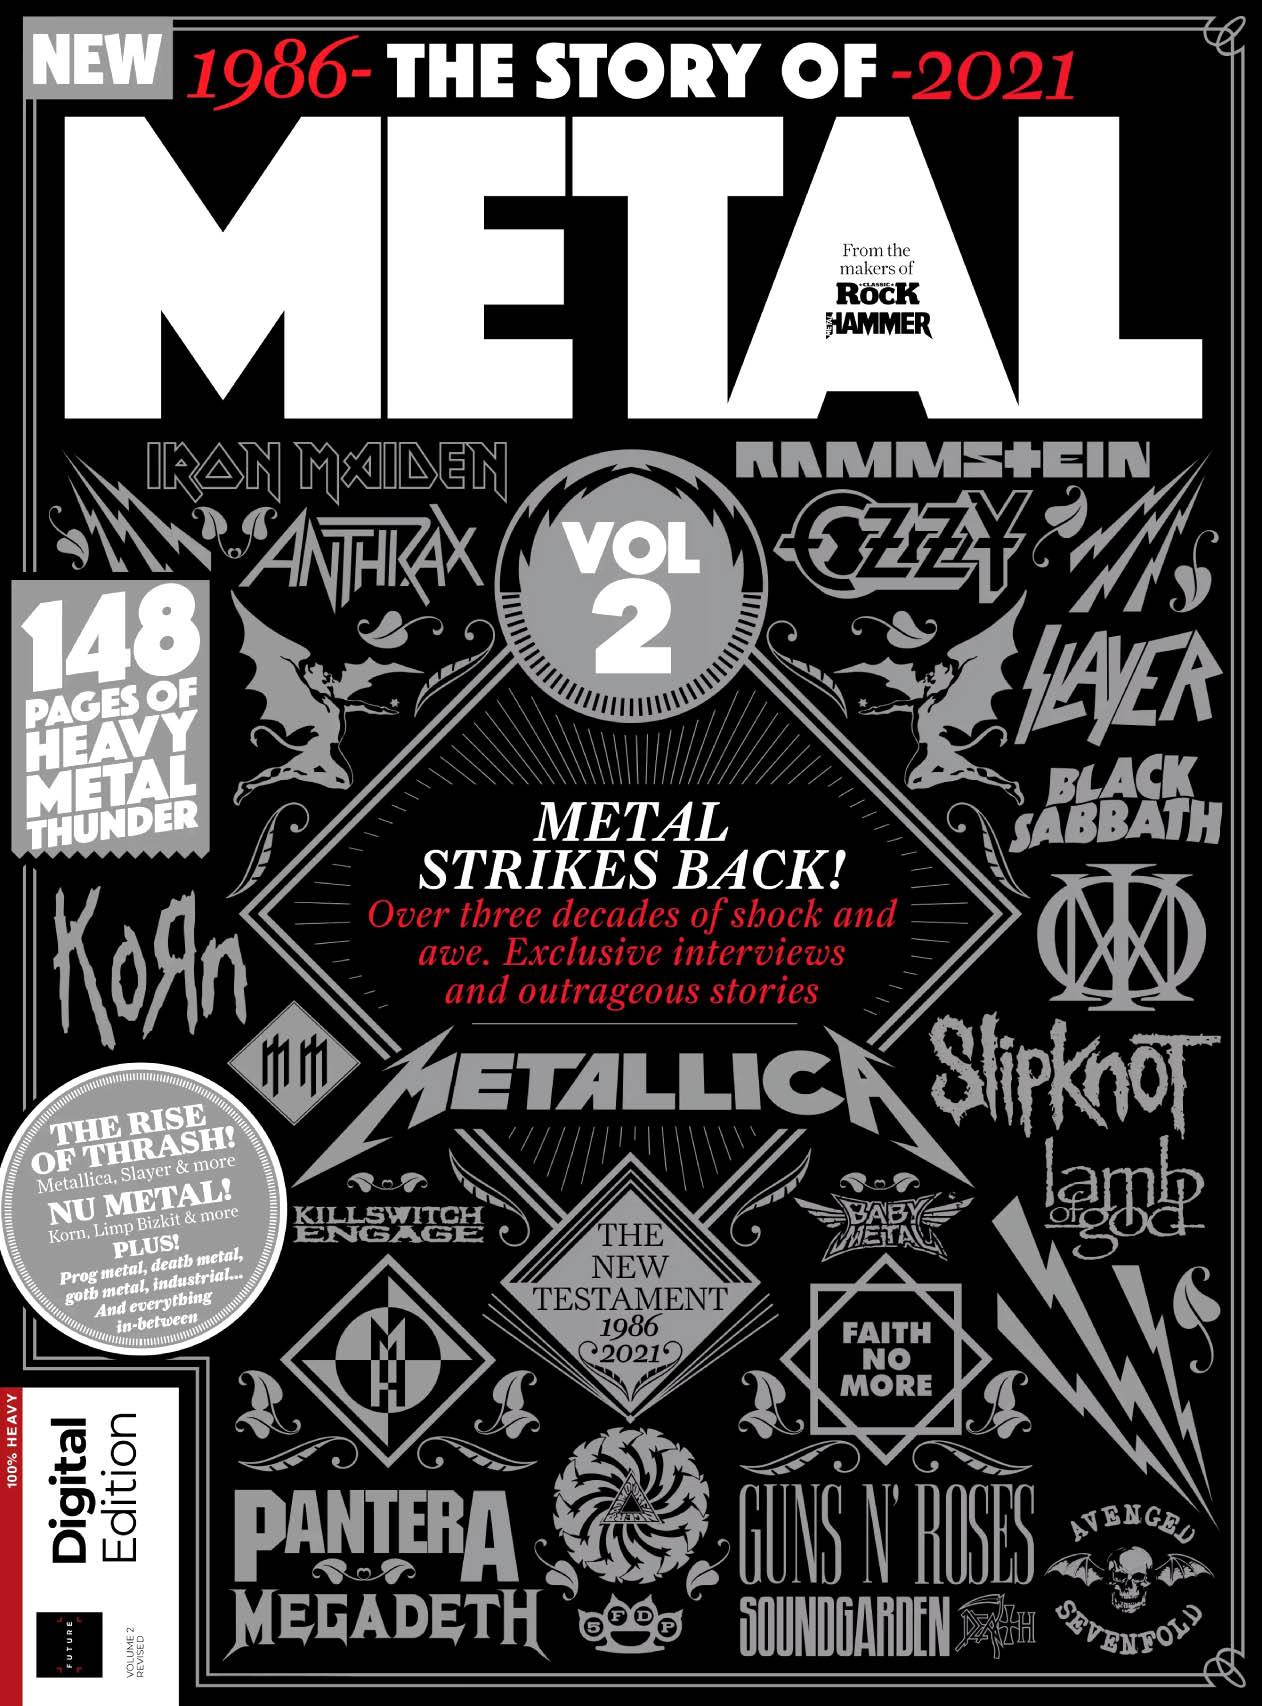 The Story of Metal - Vol 2 Revised 2021.jpg